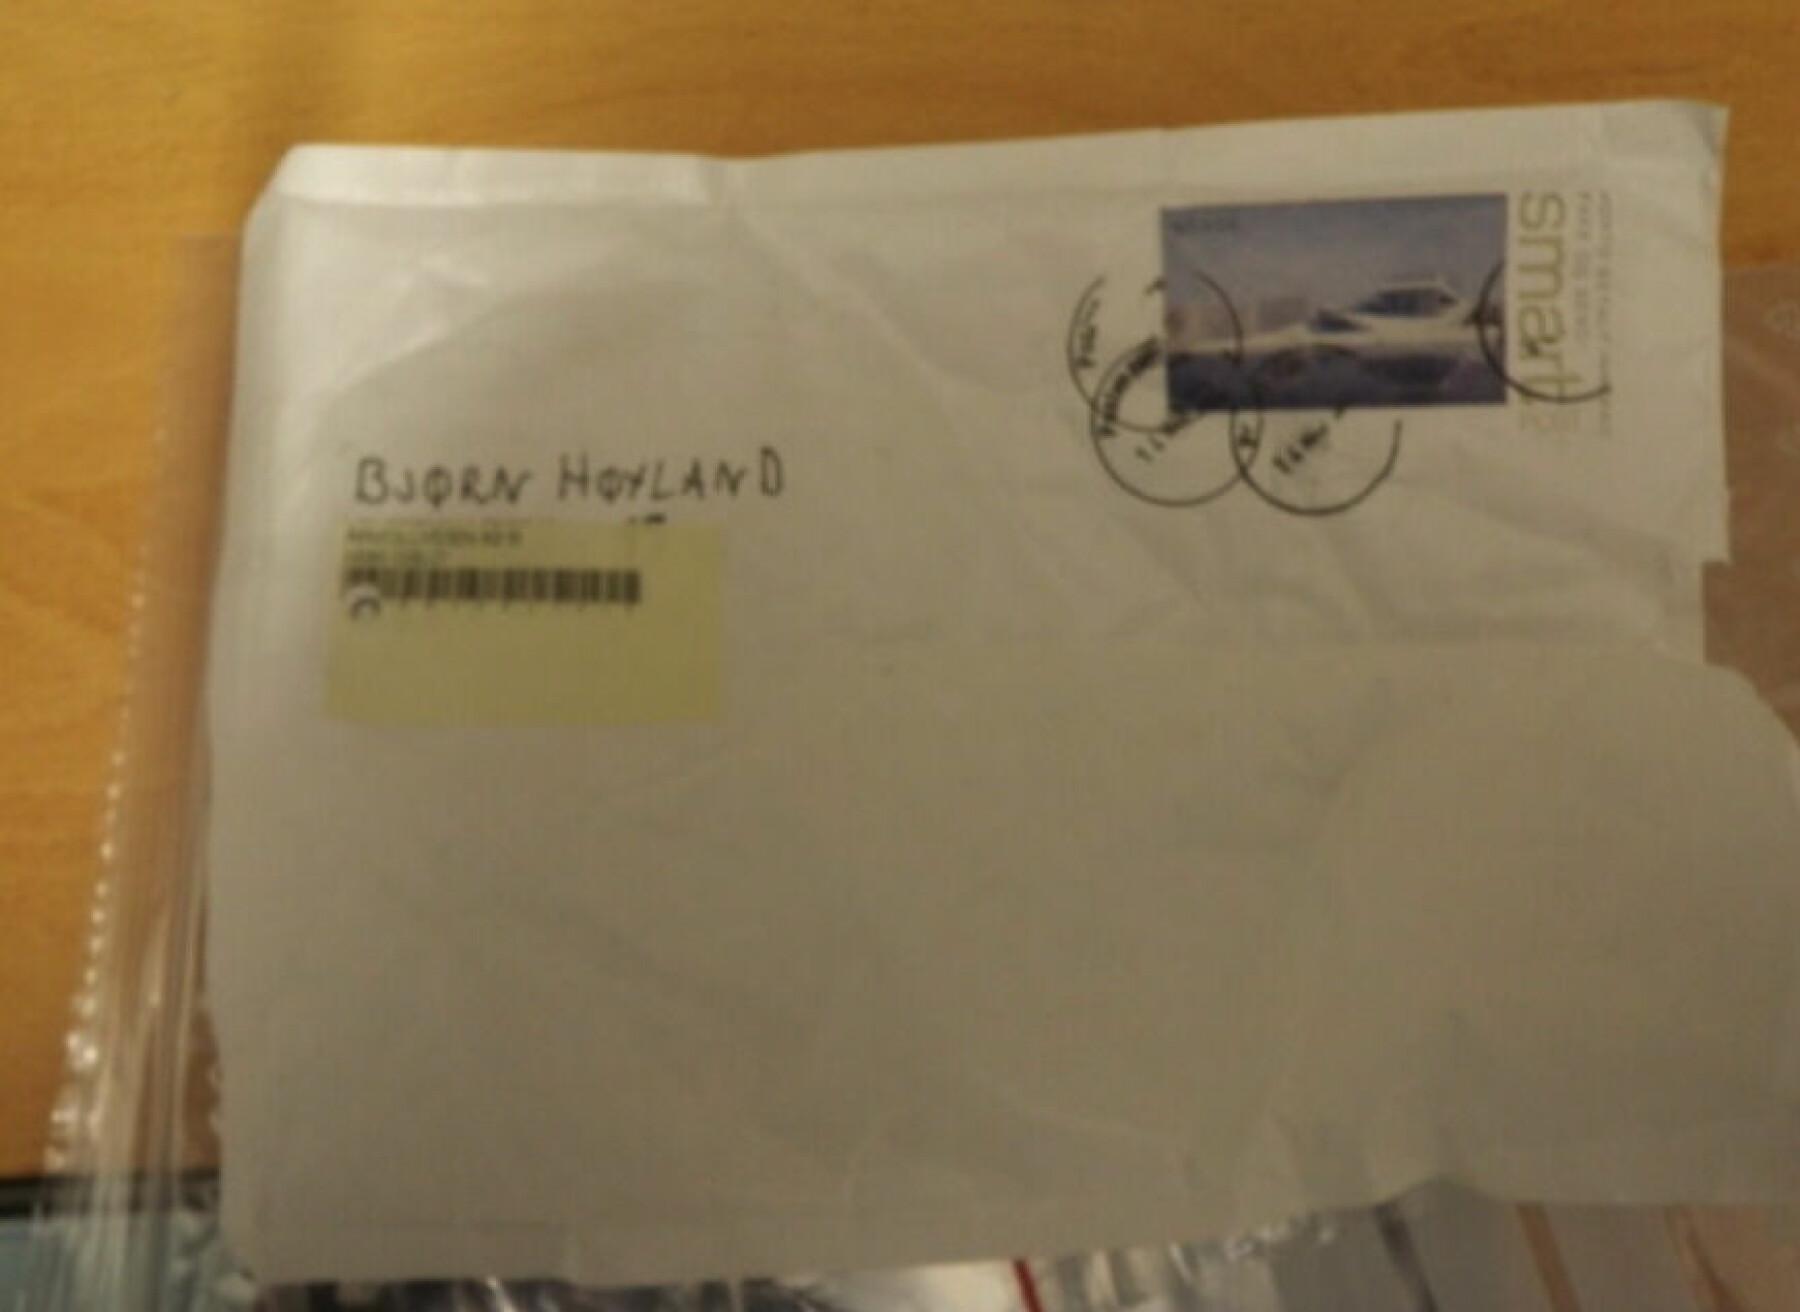 Denne kvite konvolutten låg i Bjørn Høyland si postkasse i slutten av mars 2011.